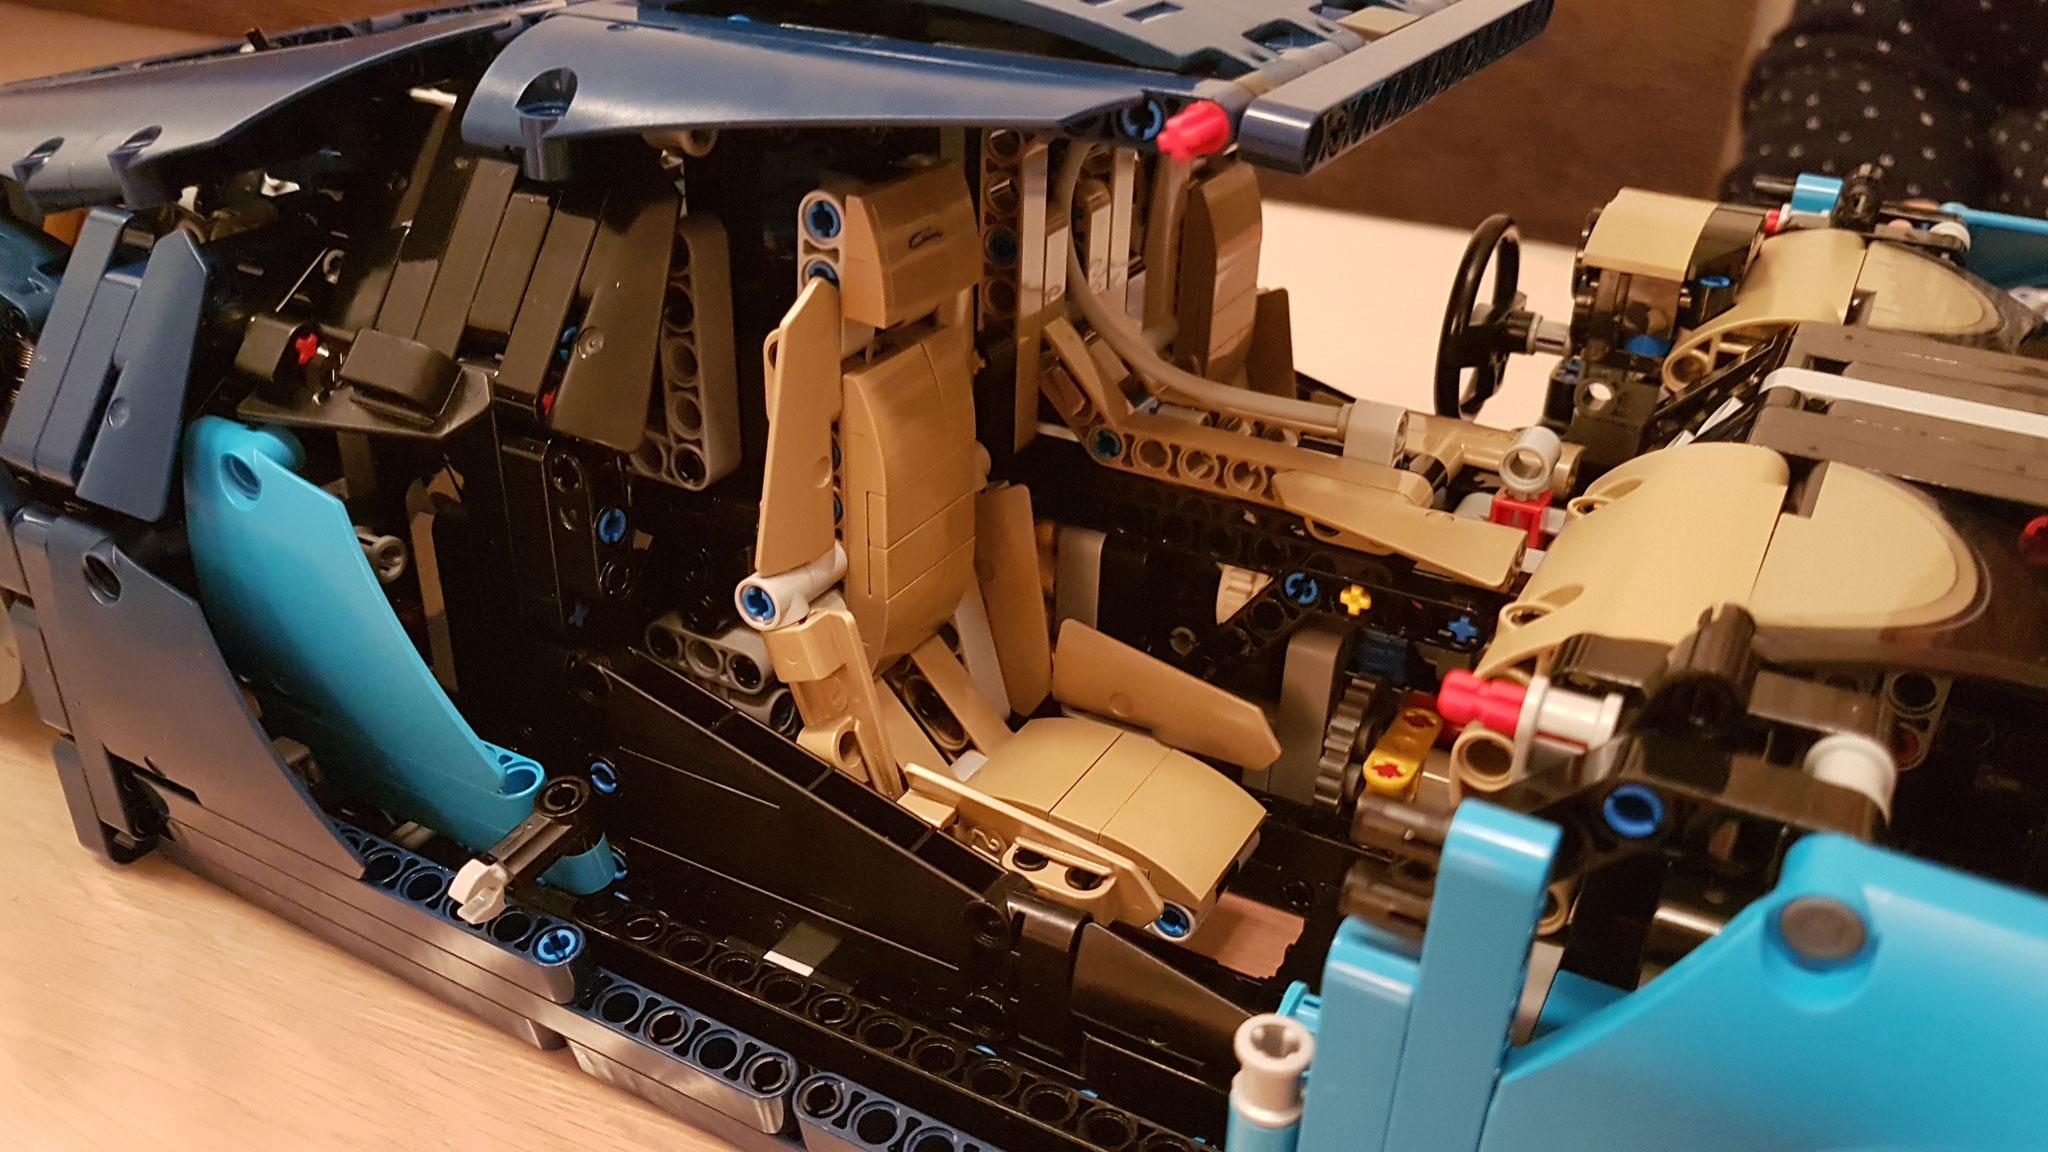 Sitze und Cockpit sind verbaut...